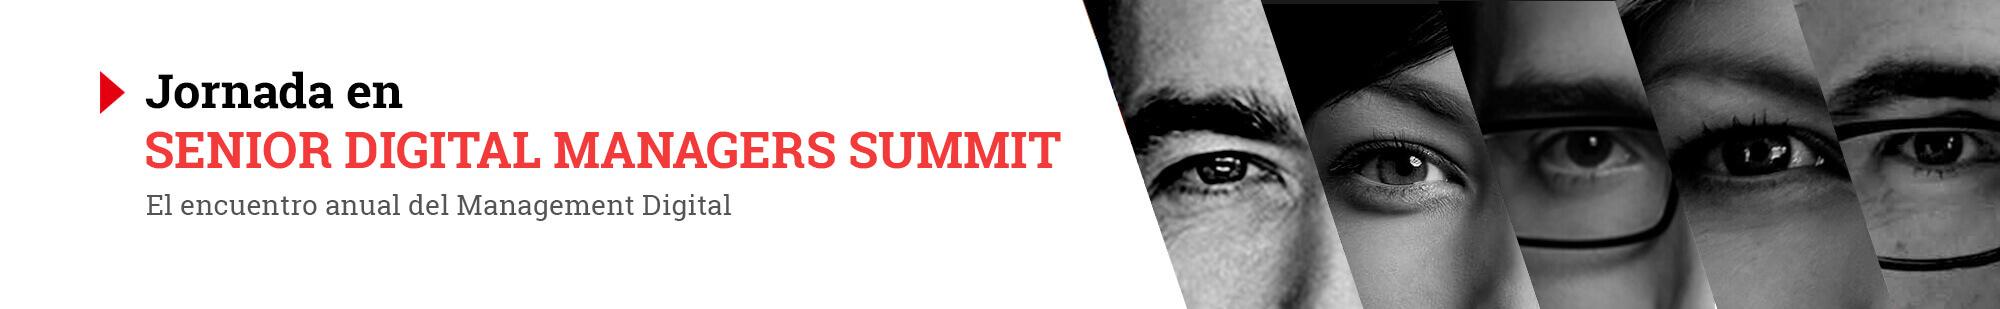 Banner_Senior_Management_Day_summit